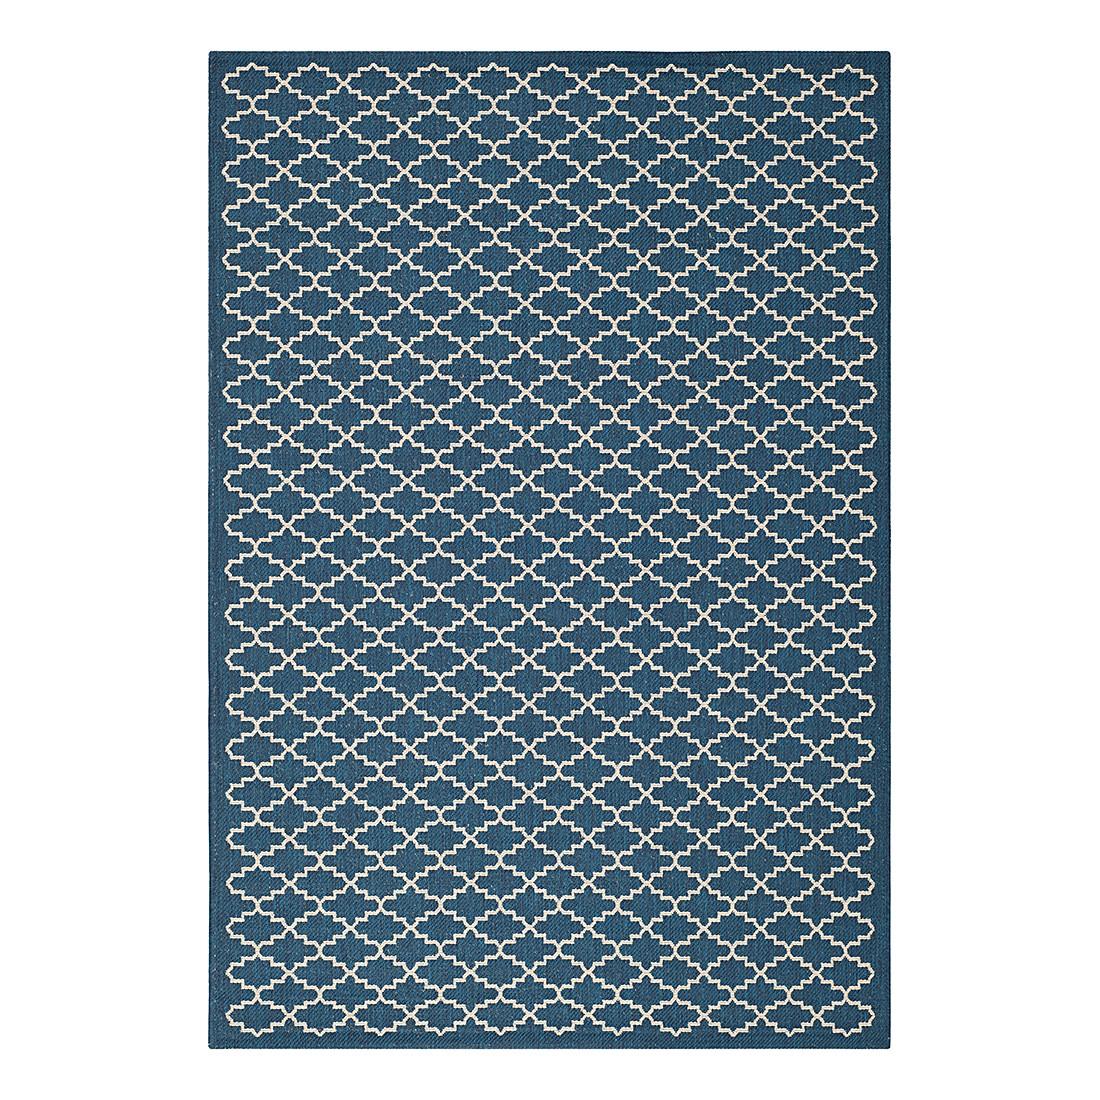 In-/Outdoorteppich Gwen – 200 x 290 cm – Blau / Weiß, Safavieh jetzt bestellen